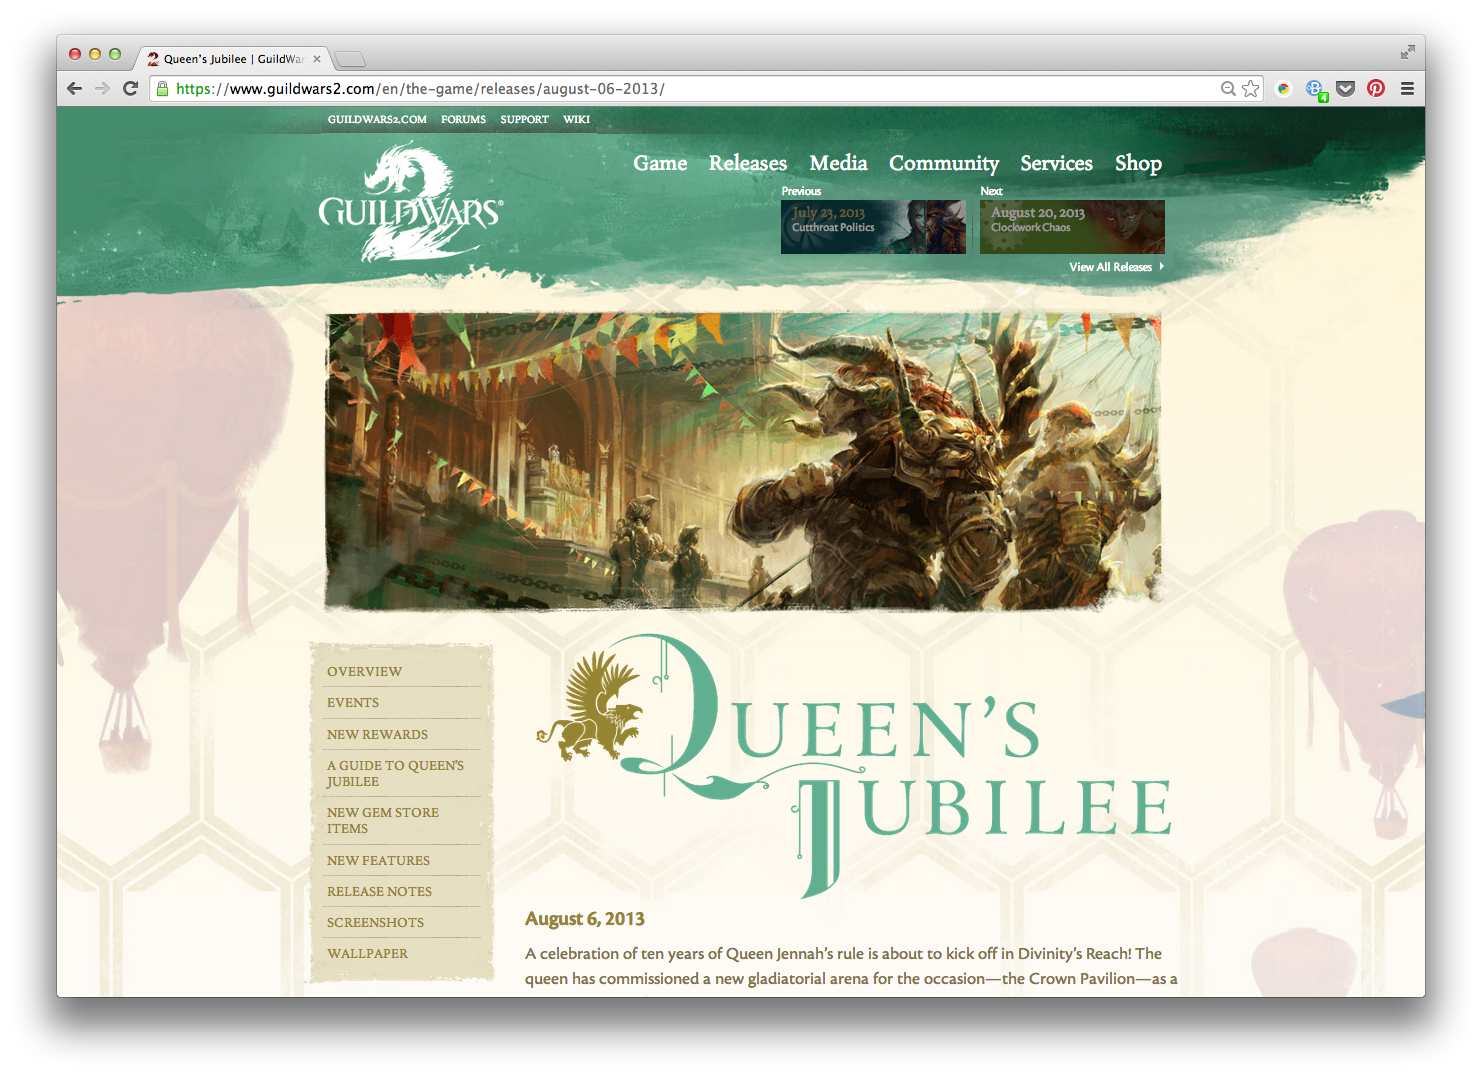 Queen's Jubilee